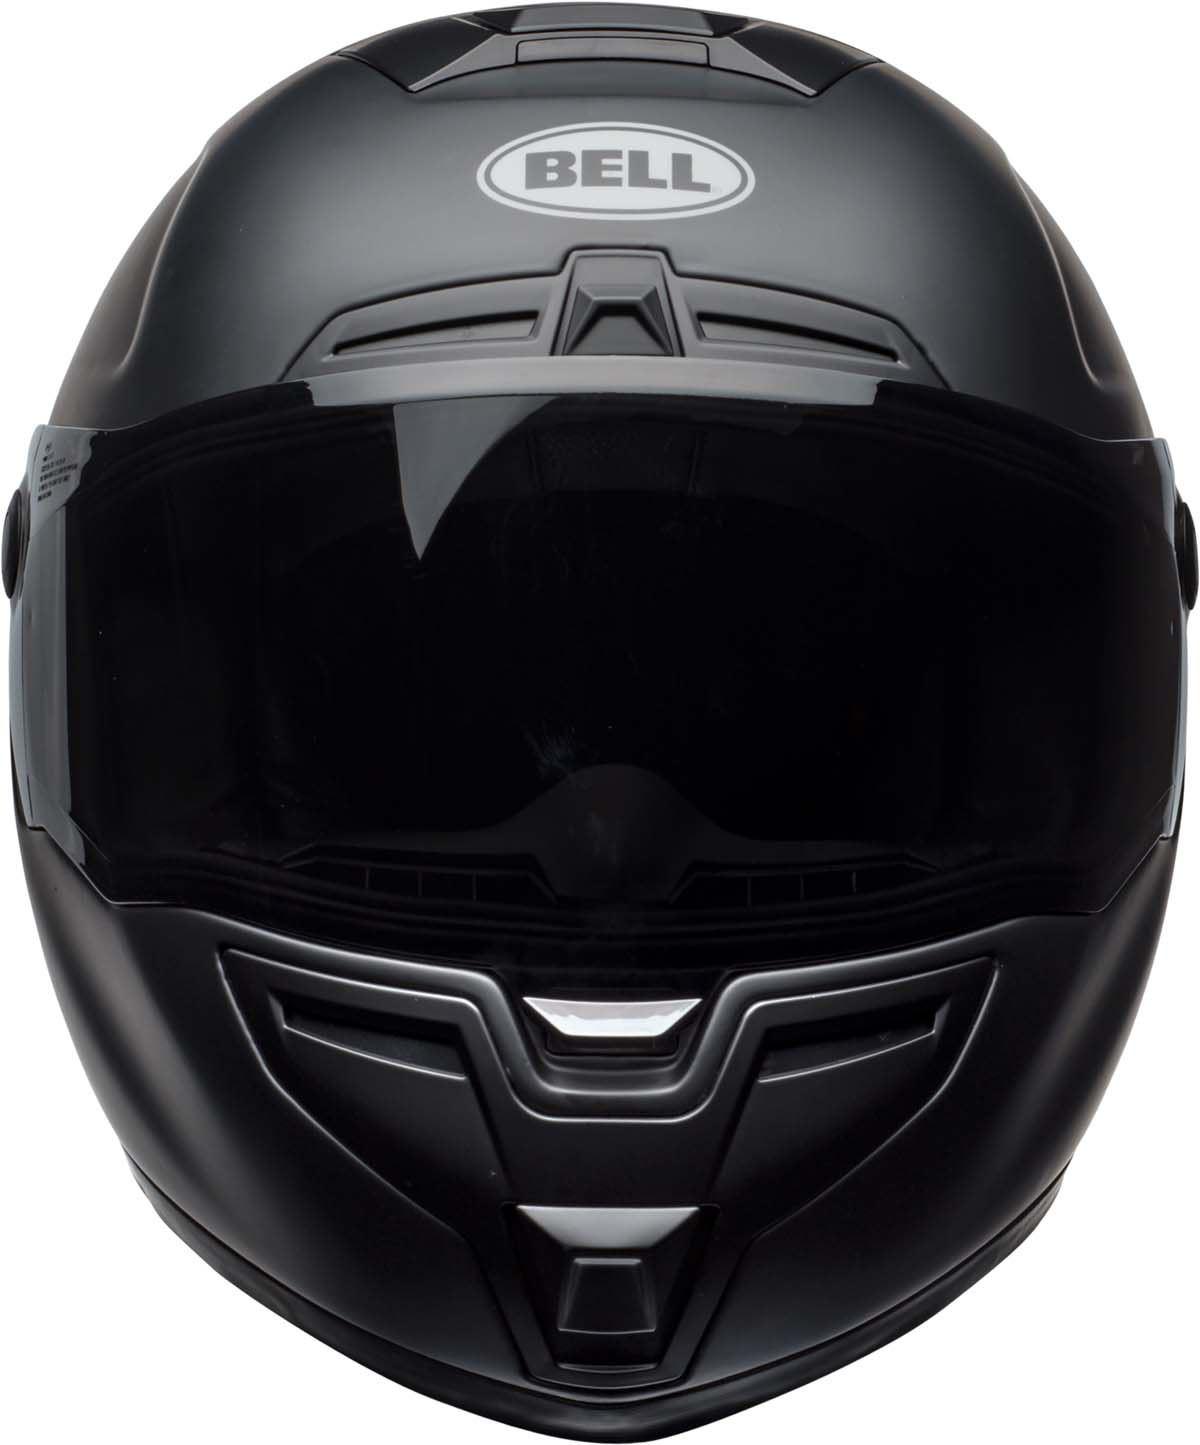 miniature 5 - Bell SRT Helmet Full Face Eyewear Friendly Fiberglass DOT SNELL M2015 XS-2XL